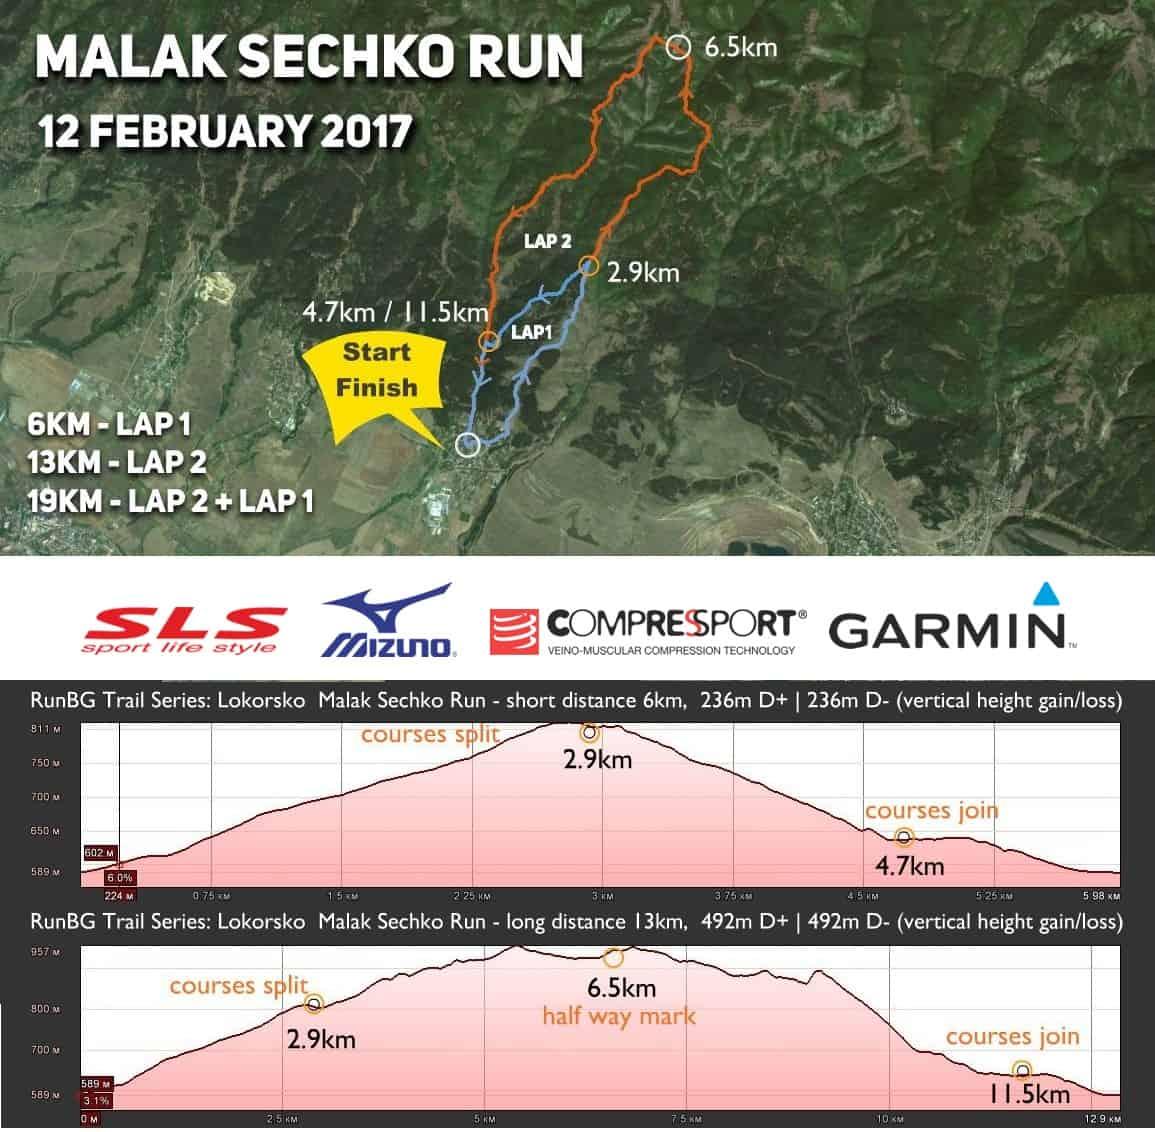 Malak Sechko Run - map - 2017